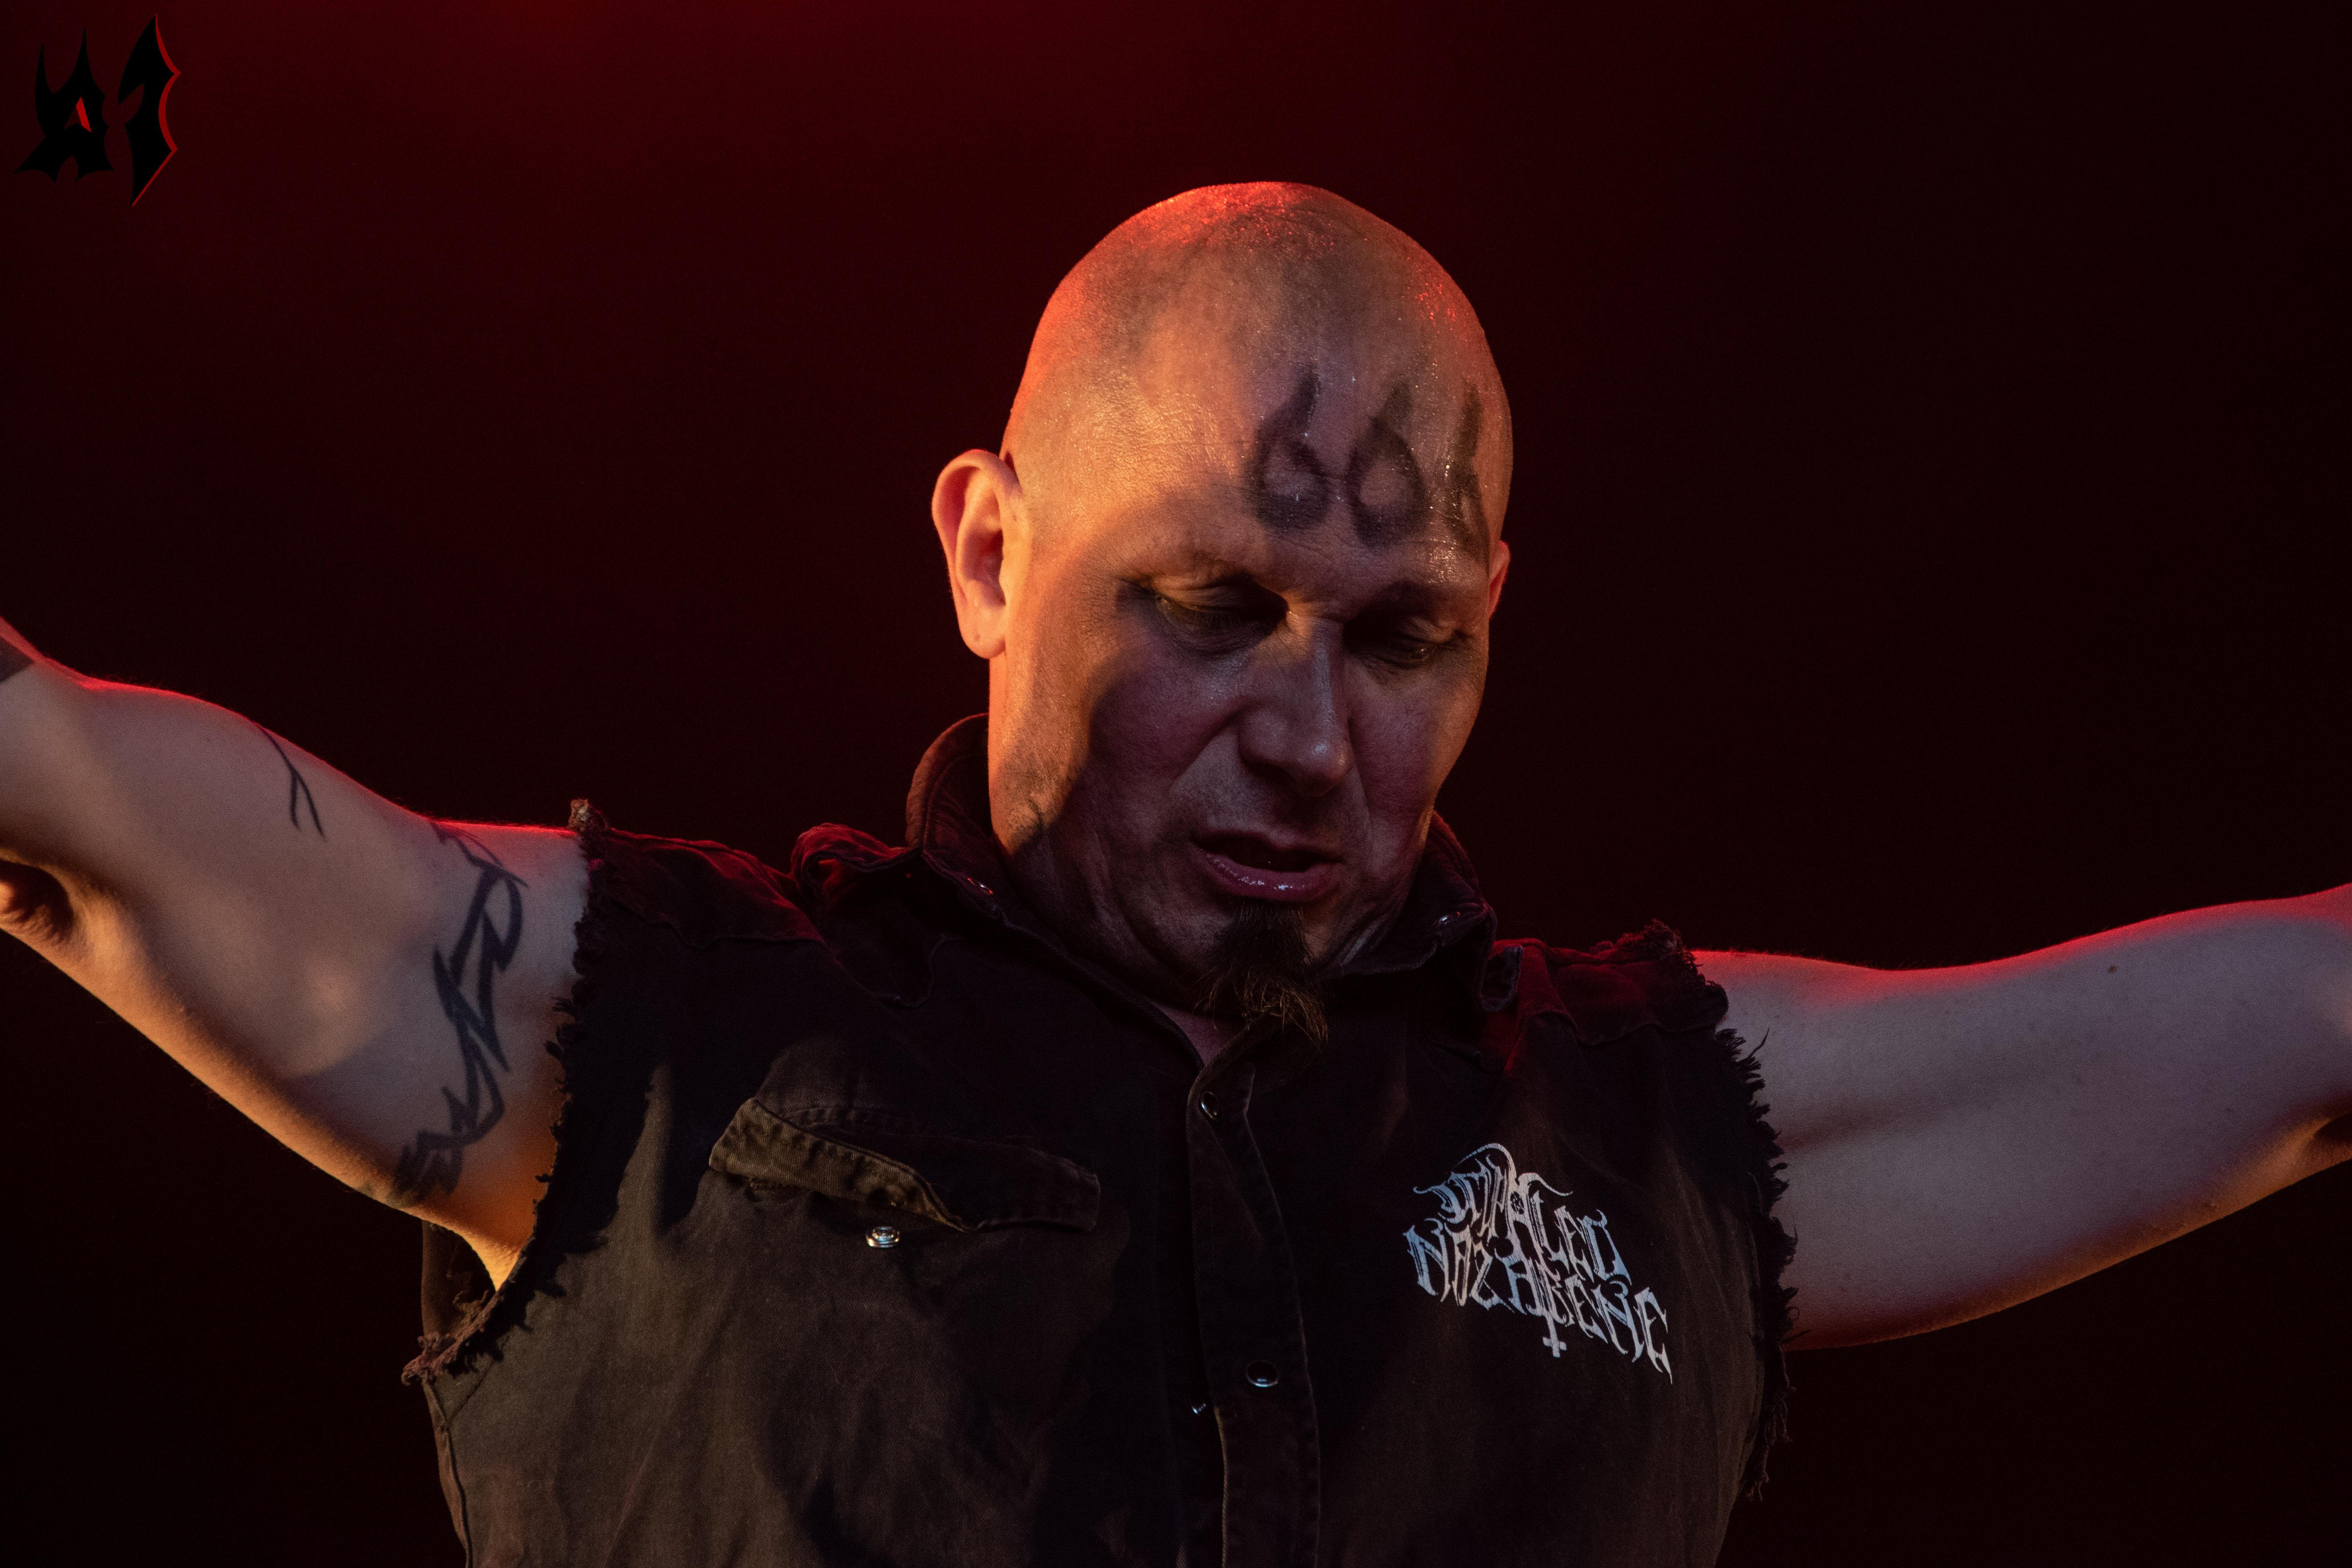 Hellfest - Impaled Nazarene - 21